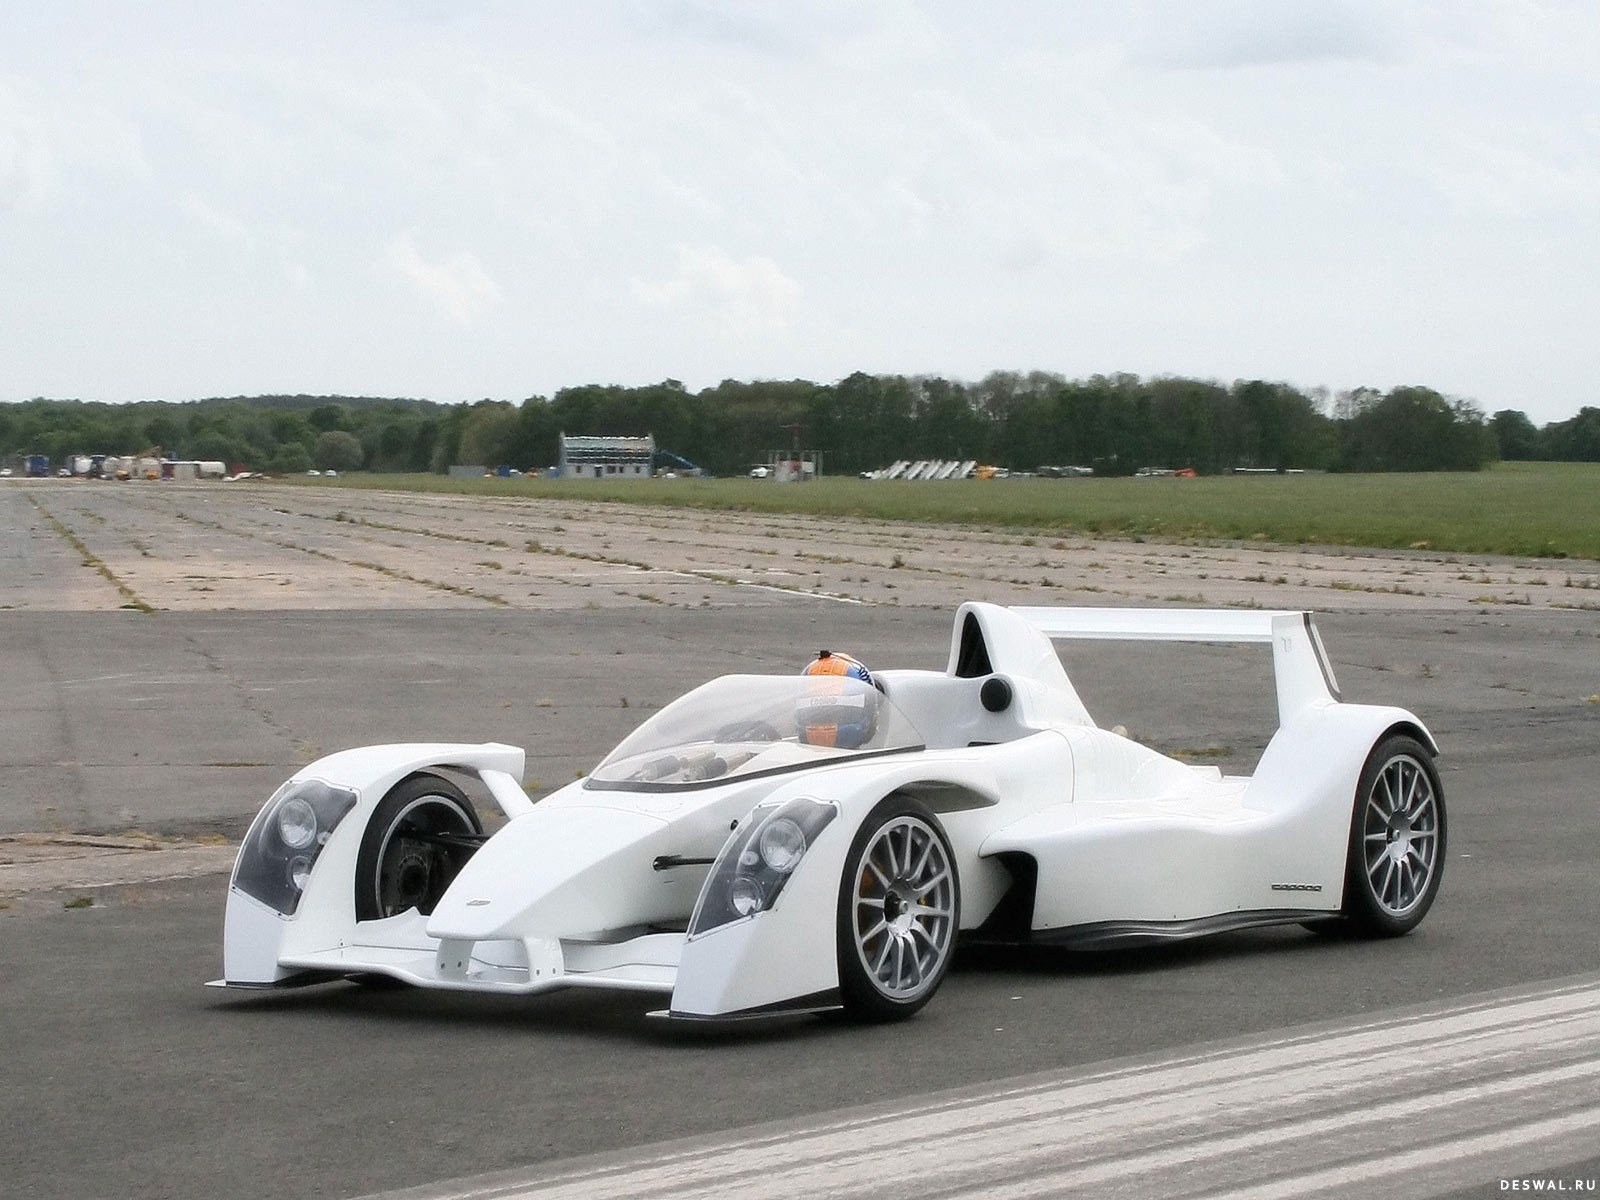 Авто Caparo на отличной фотообои, Нажмите на картинку с обоями автомобиля caparo, чтобы просмотреть ее в реальном размере